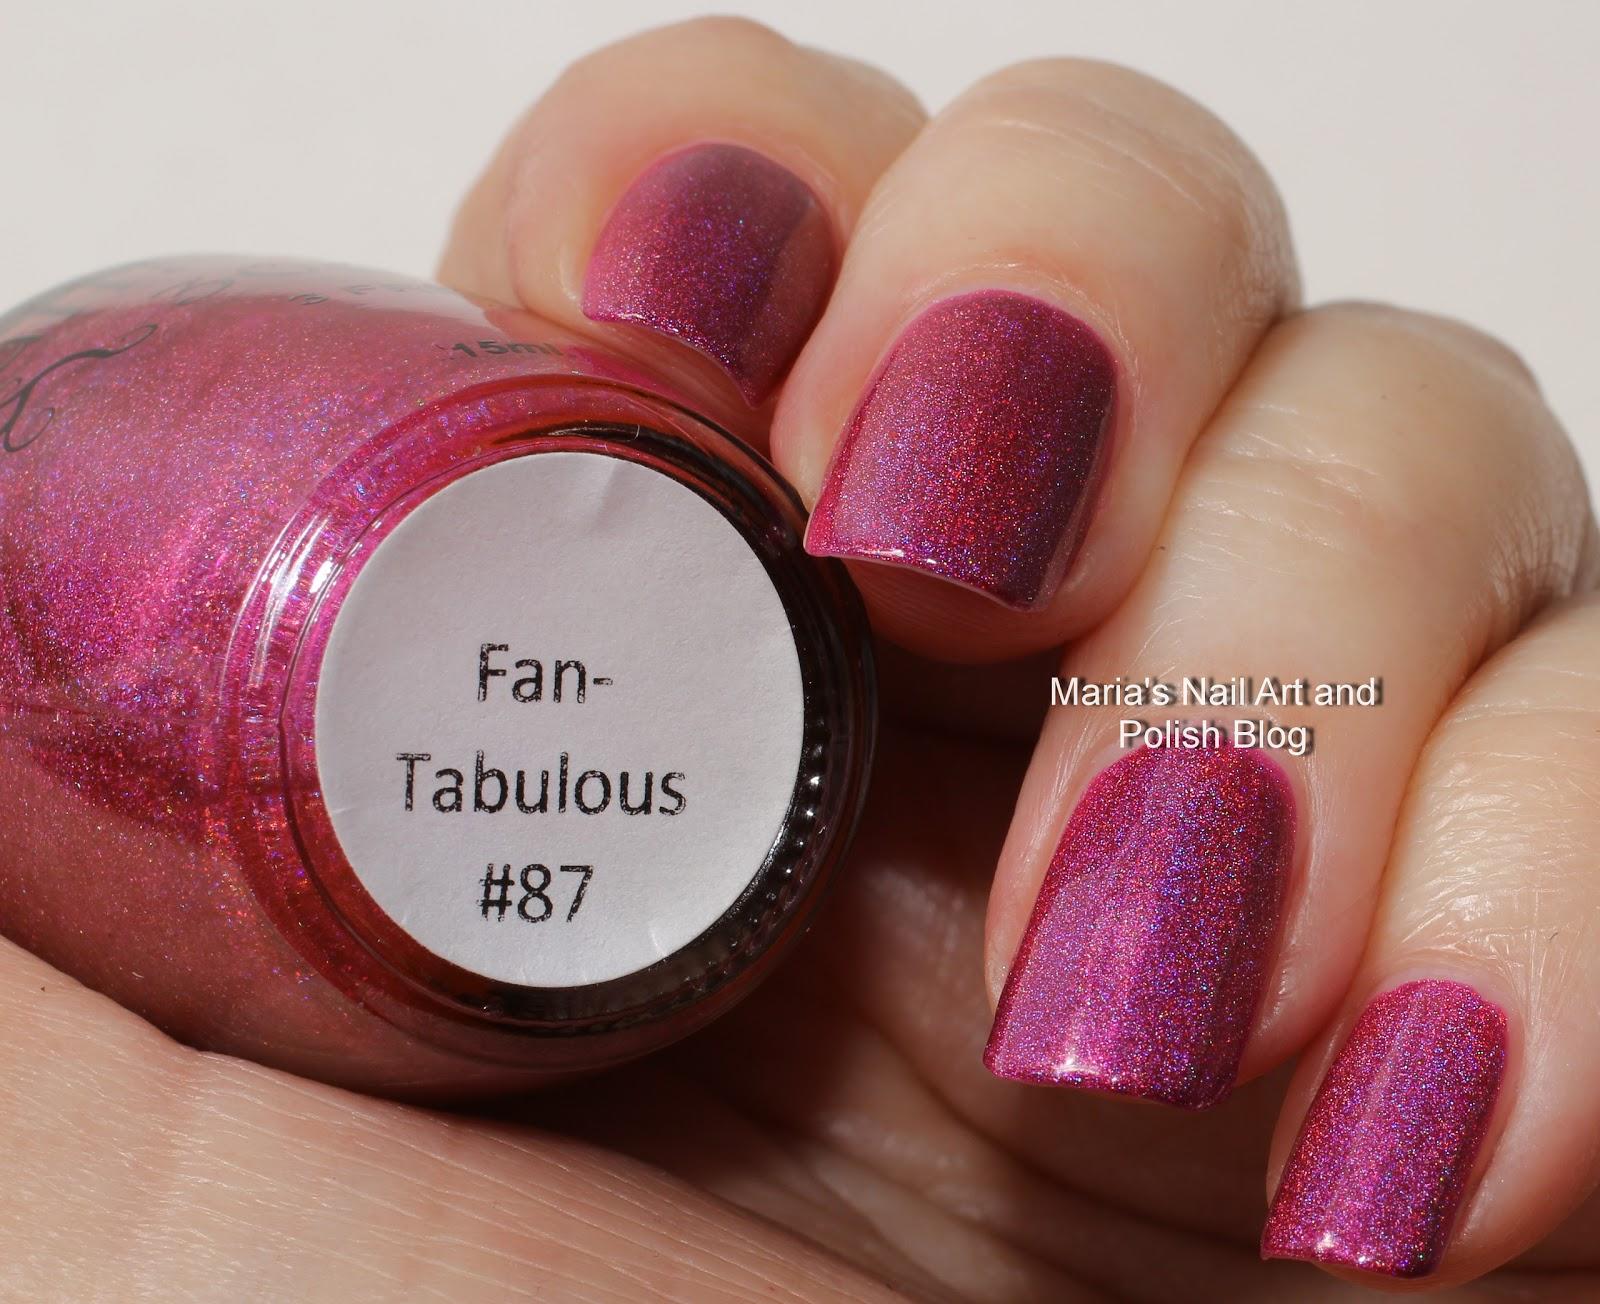 Marias Nail Art and Polish Blog: NailNation 3000 Fan-Tabulous swatches